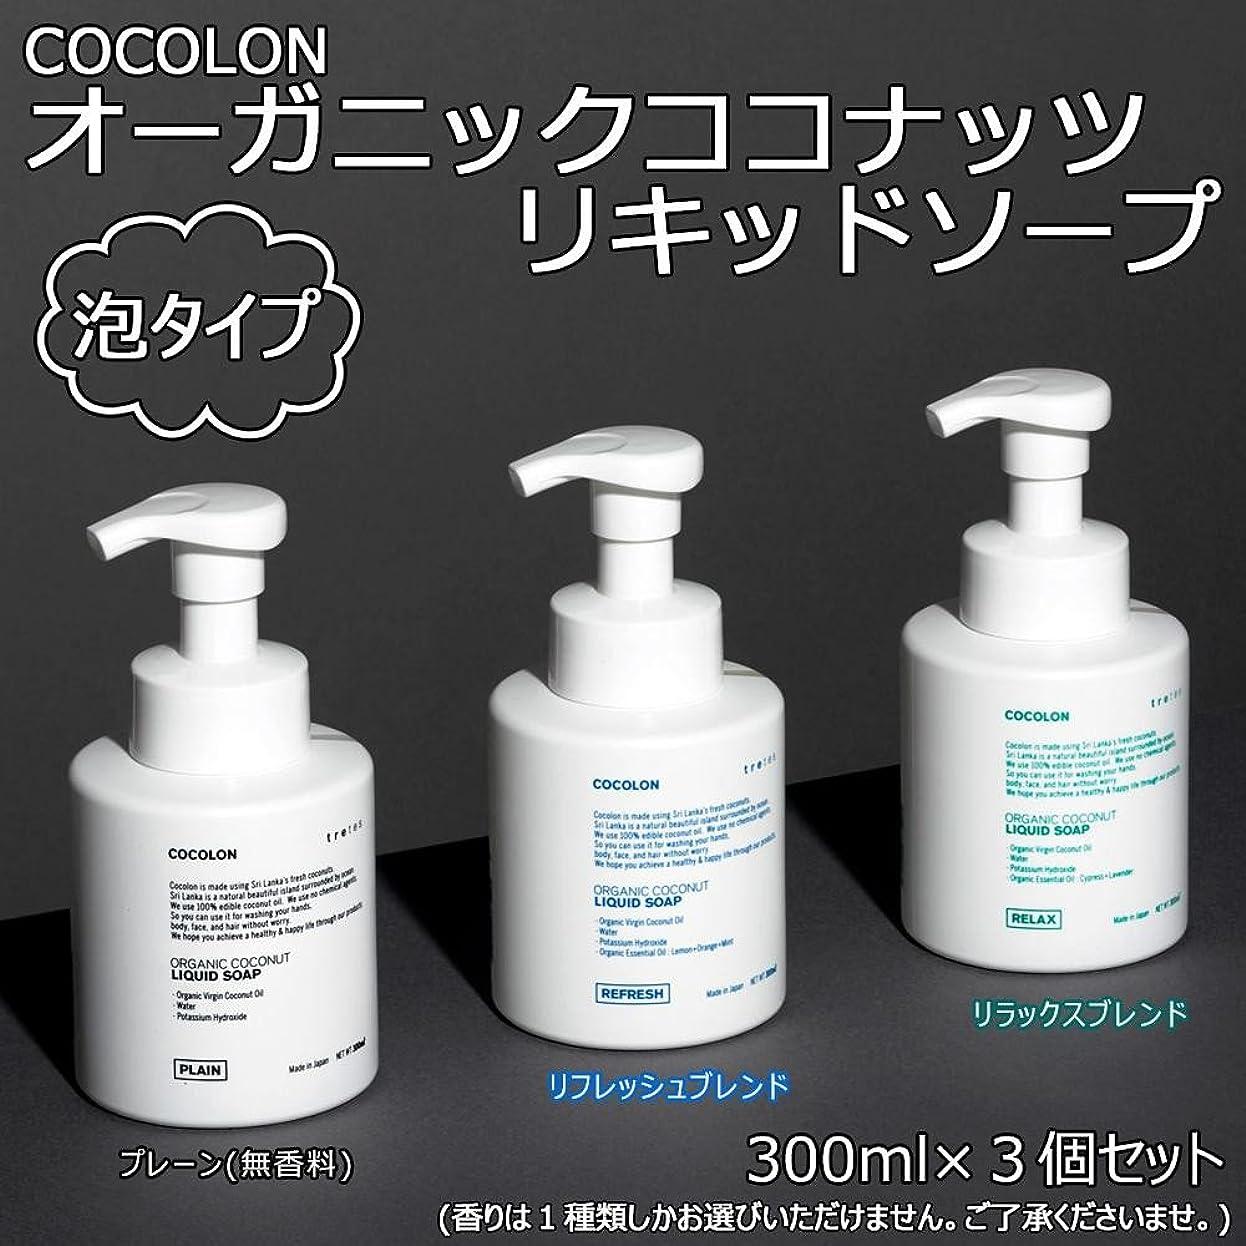 が欲しい新しい意味まあCOCOLON ココロン オーガニックココナッツリキッドソープ 泡タイプ 300ml 3個セット リフレッシュブレンド